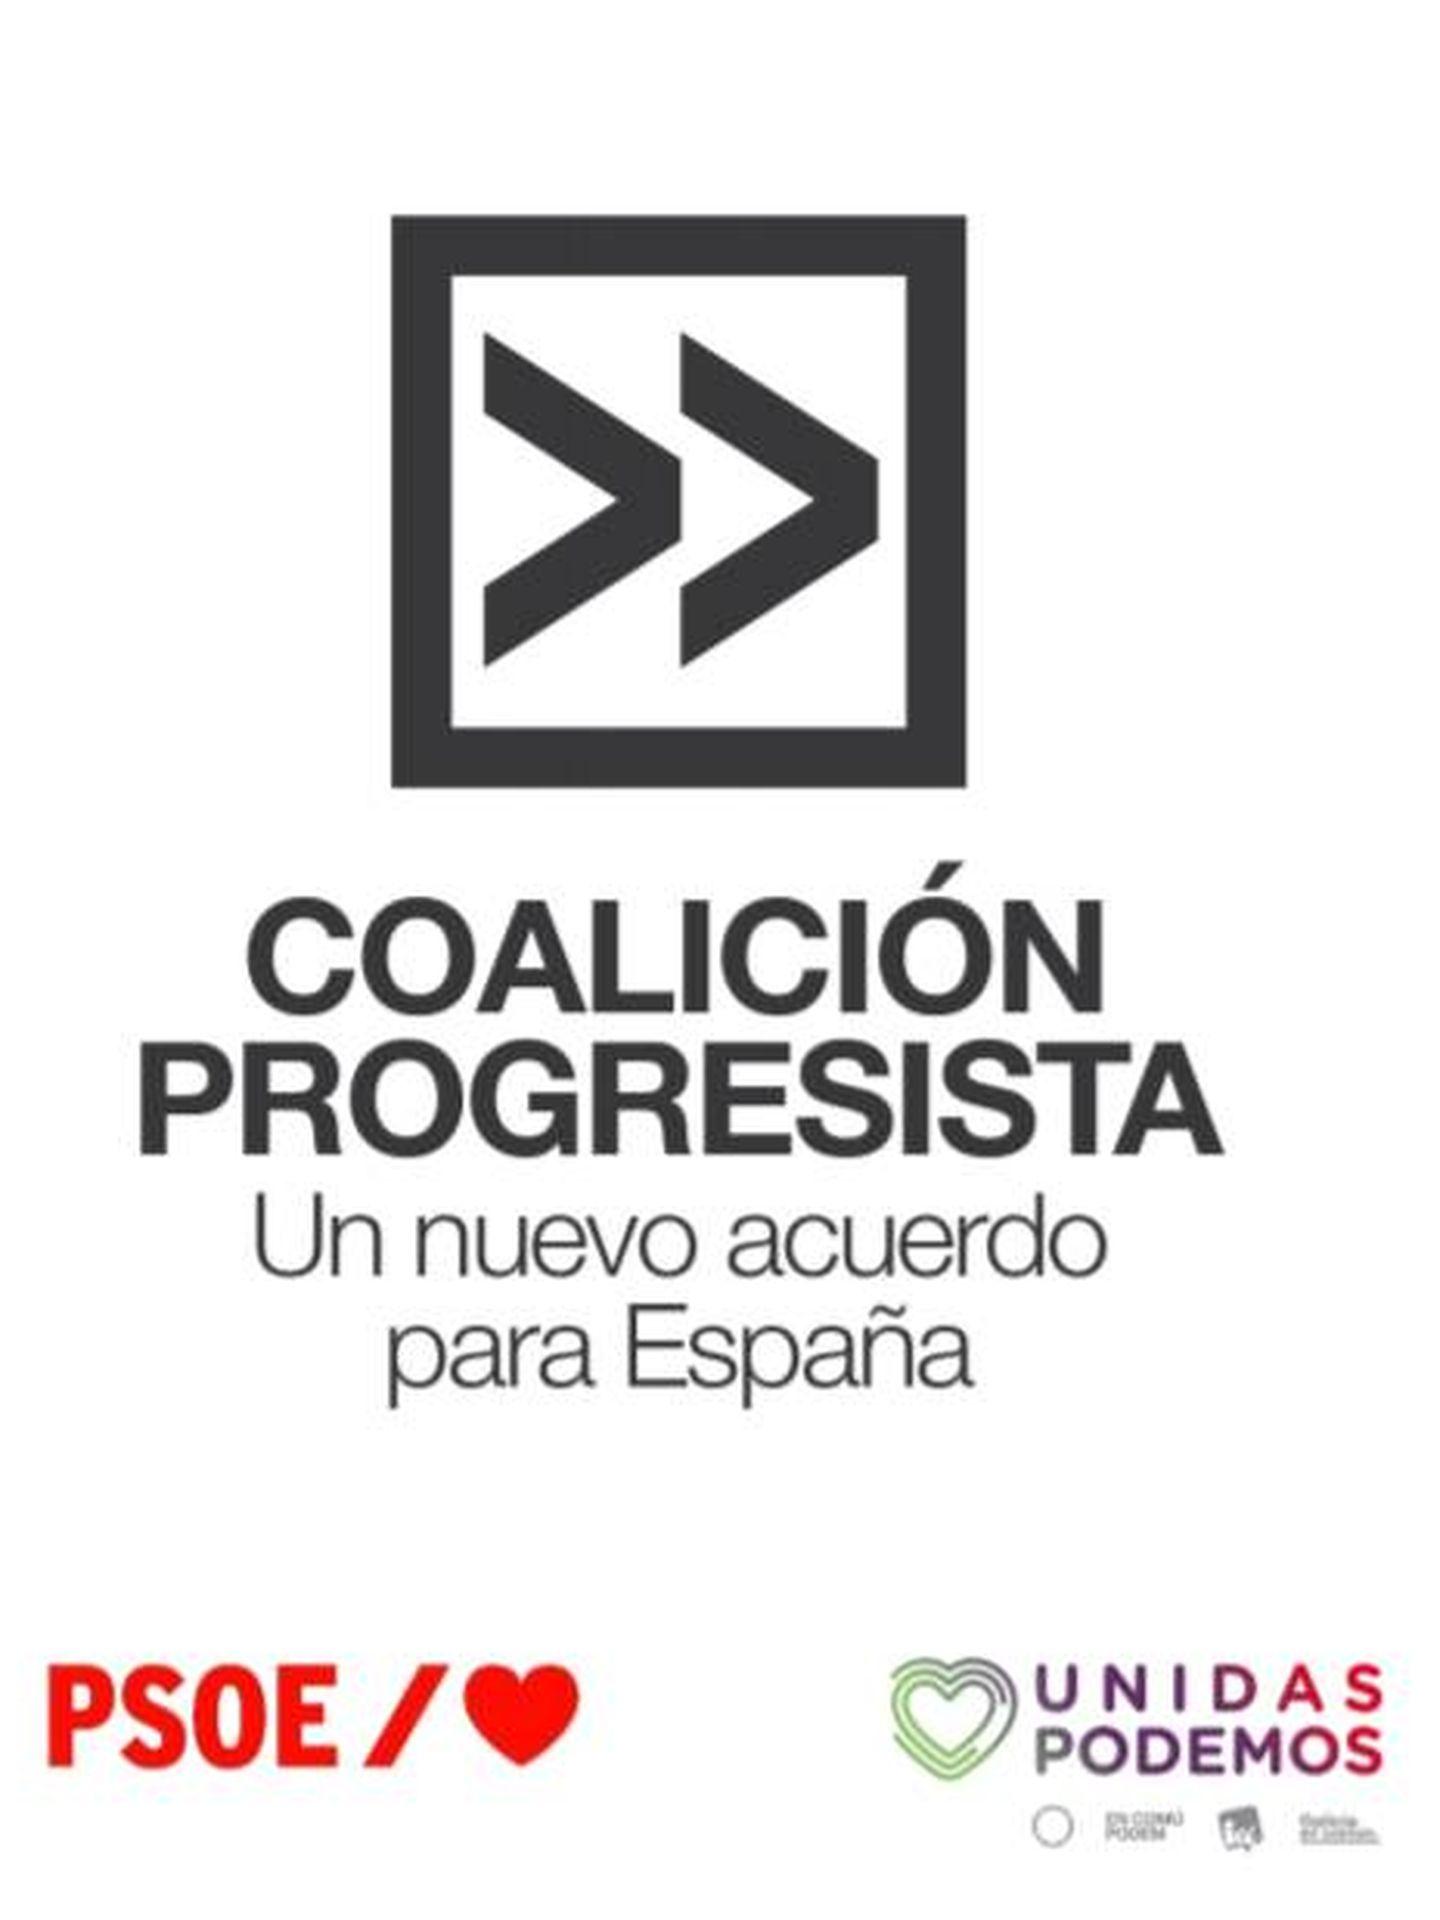 Consulte aquí en PDF el programa del Gobierno de coalición de PSOE y Unidas Podemos para esta XIV Legislatura.